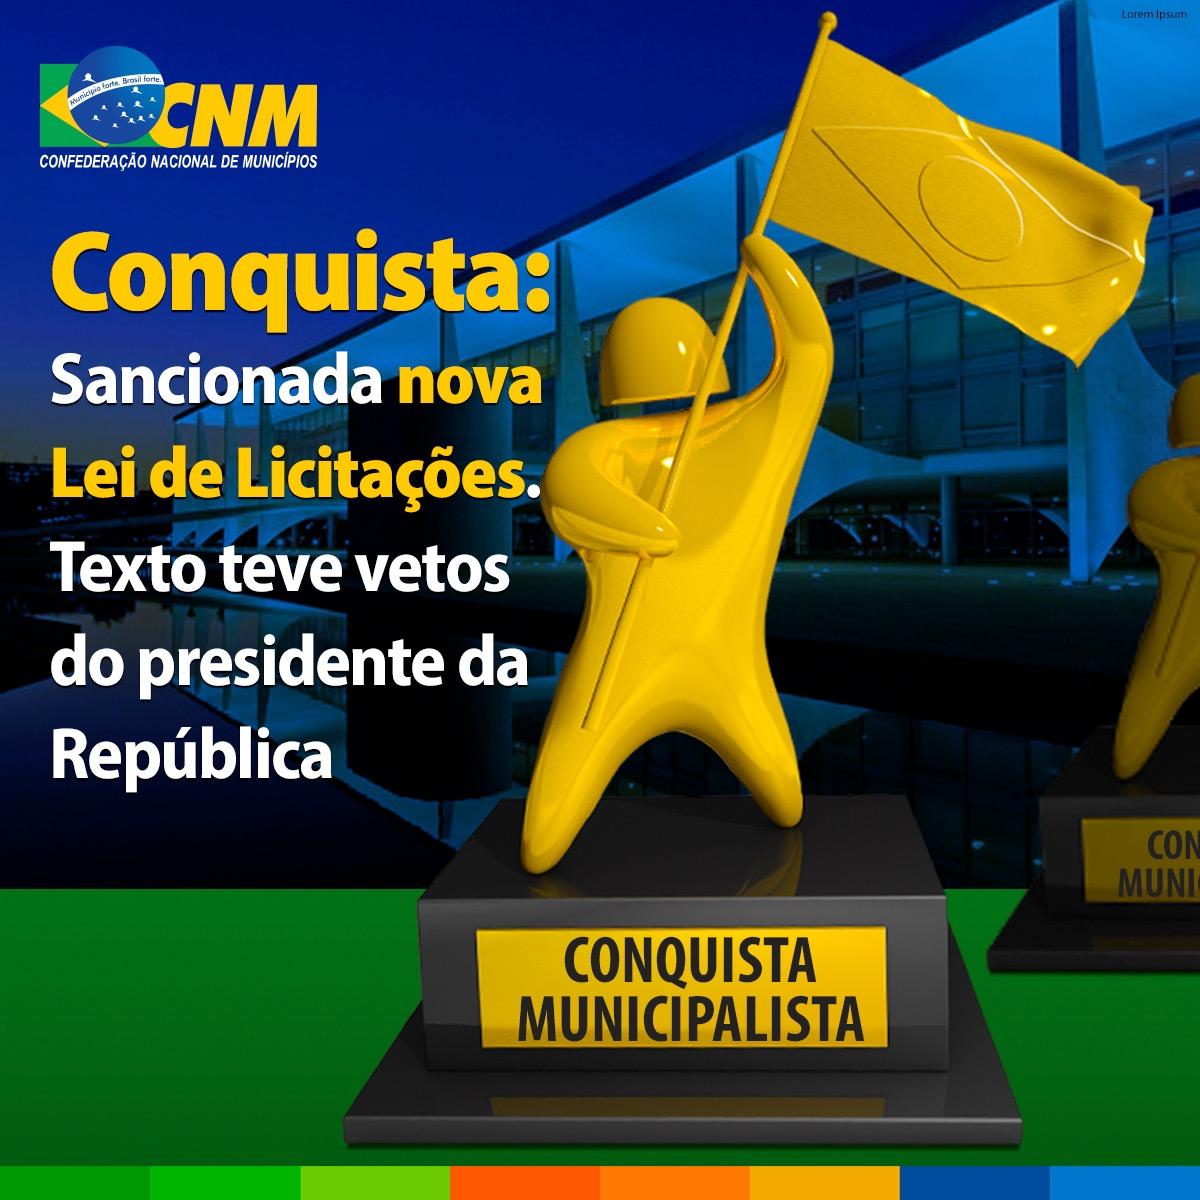 02042021 Conquista licitacoes